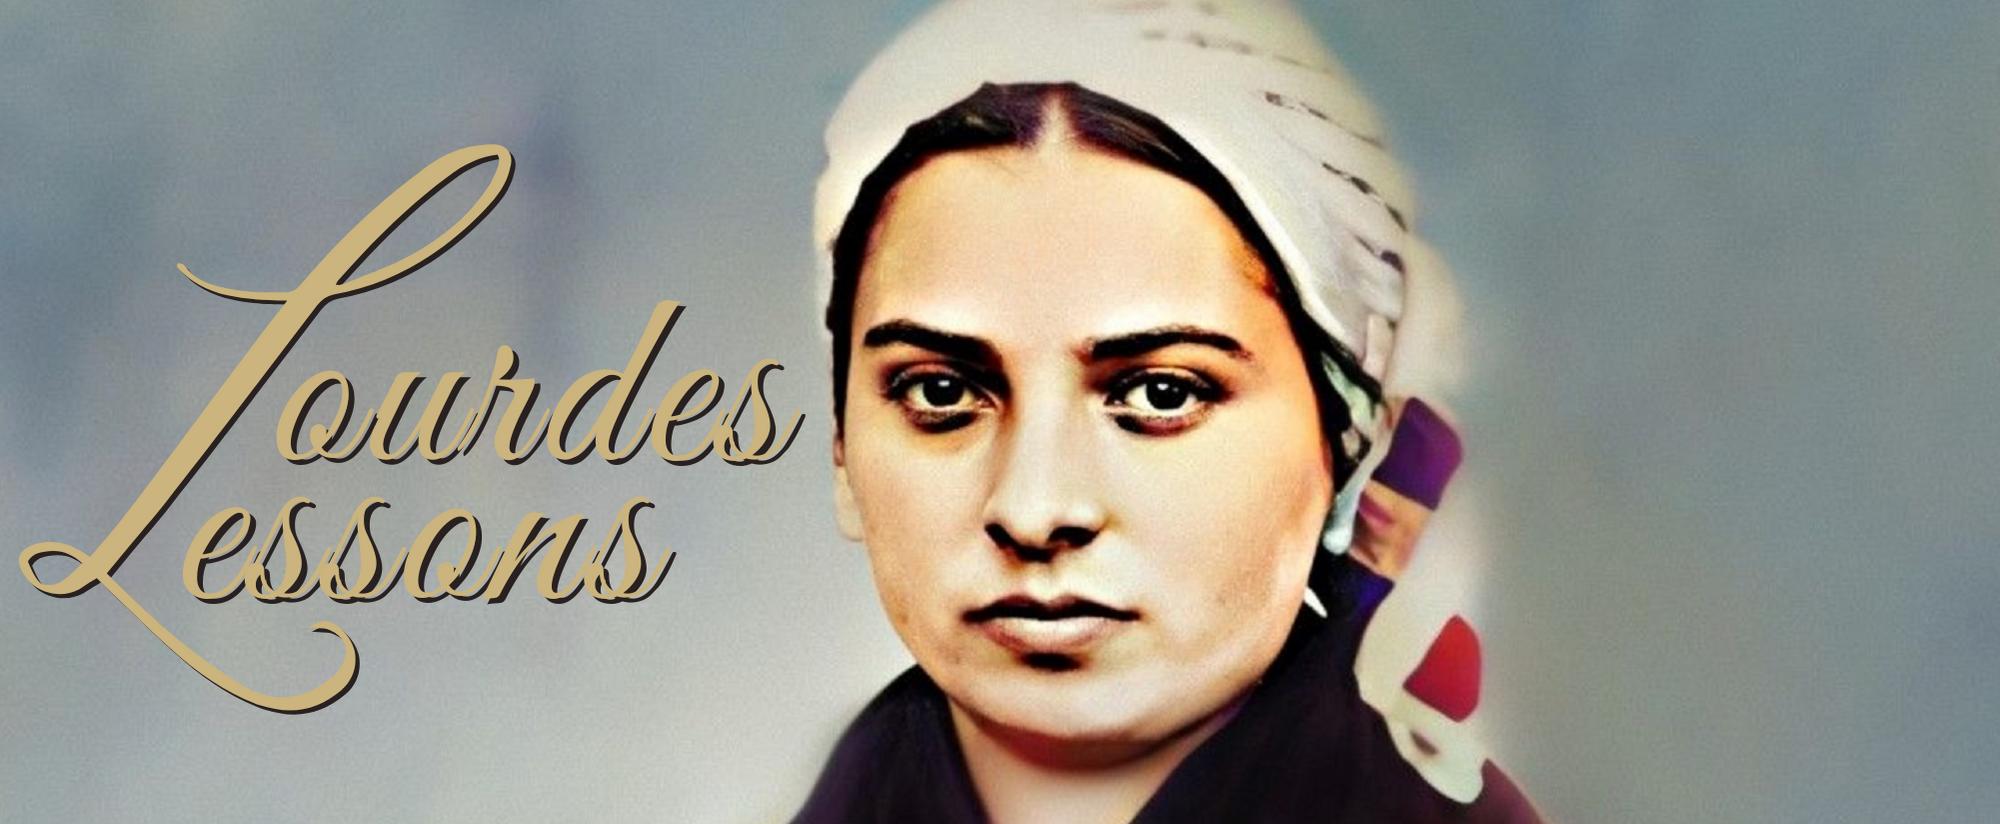 Lourdes Lessons